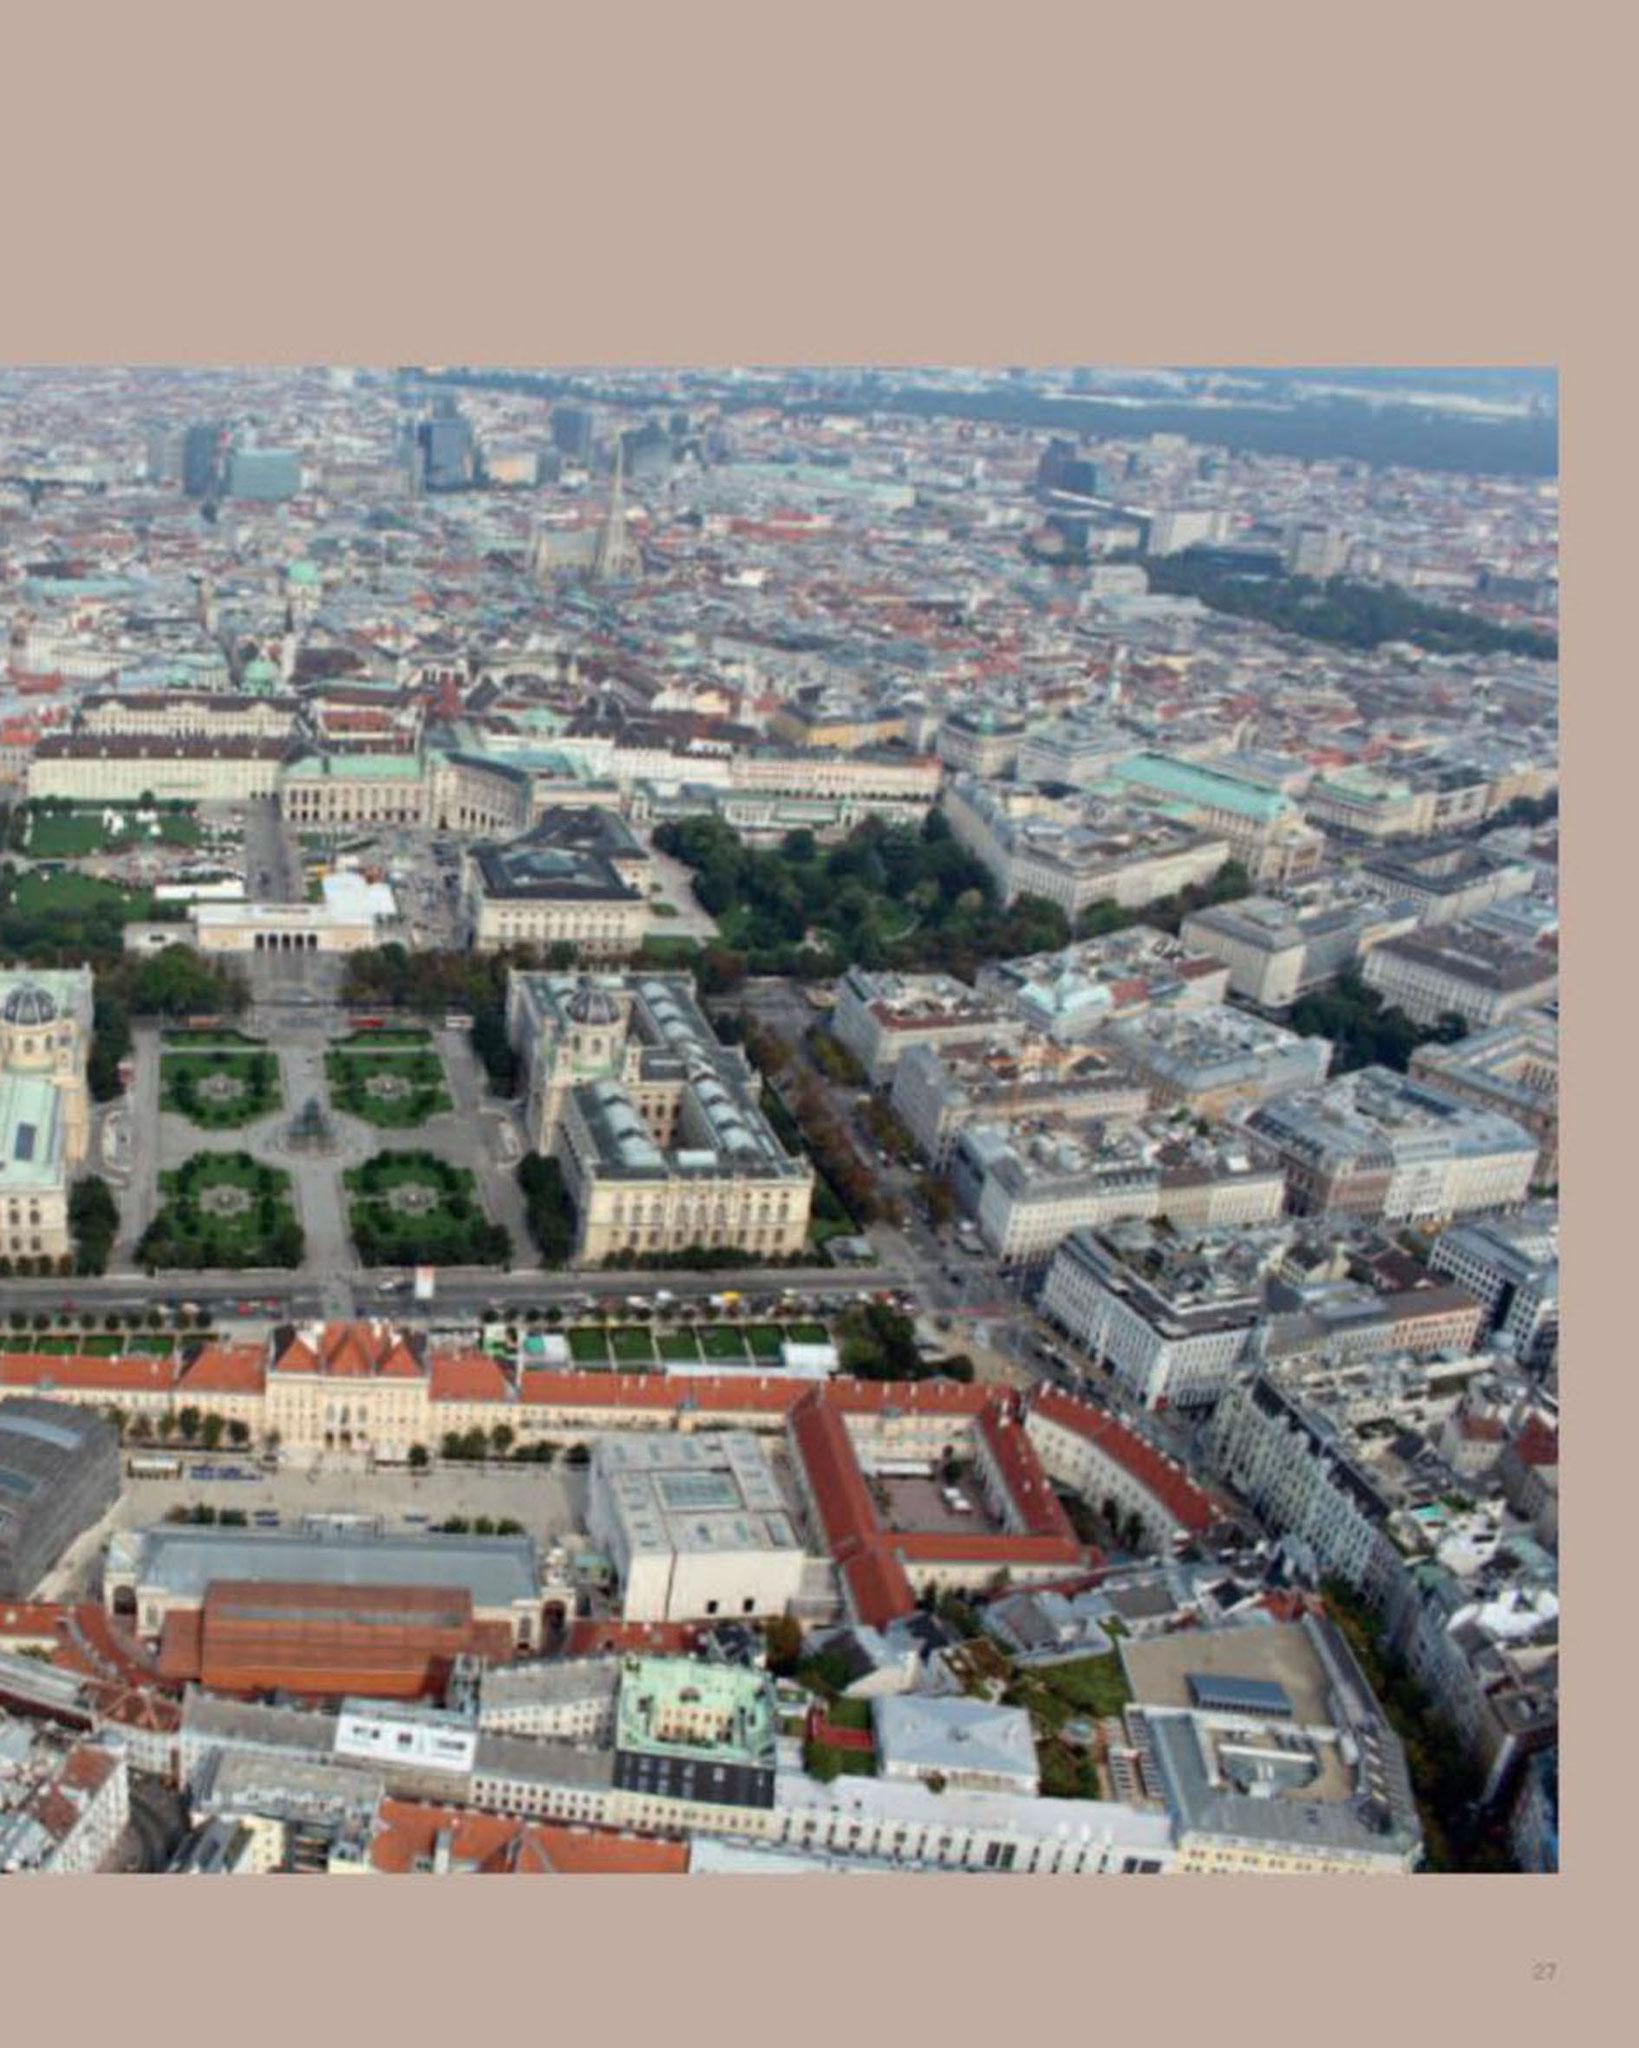 Doppelseite Gesamtansicht  Luftbild © Stefanie Grüssl